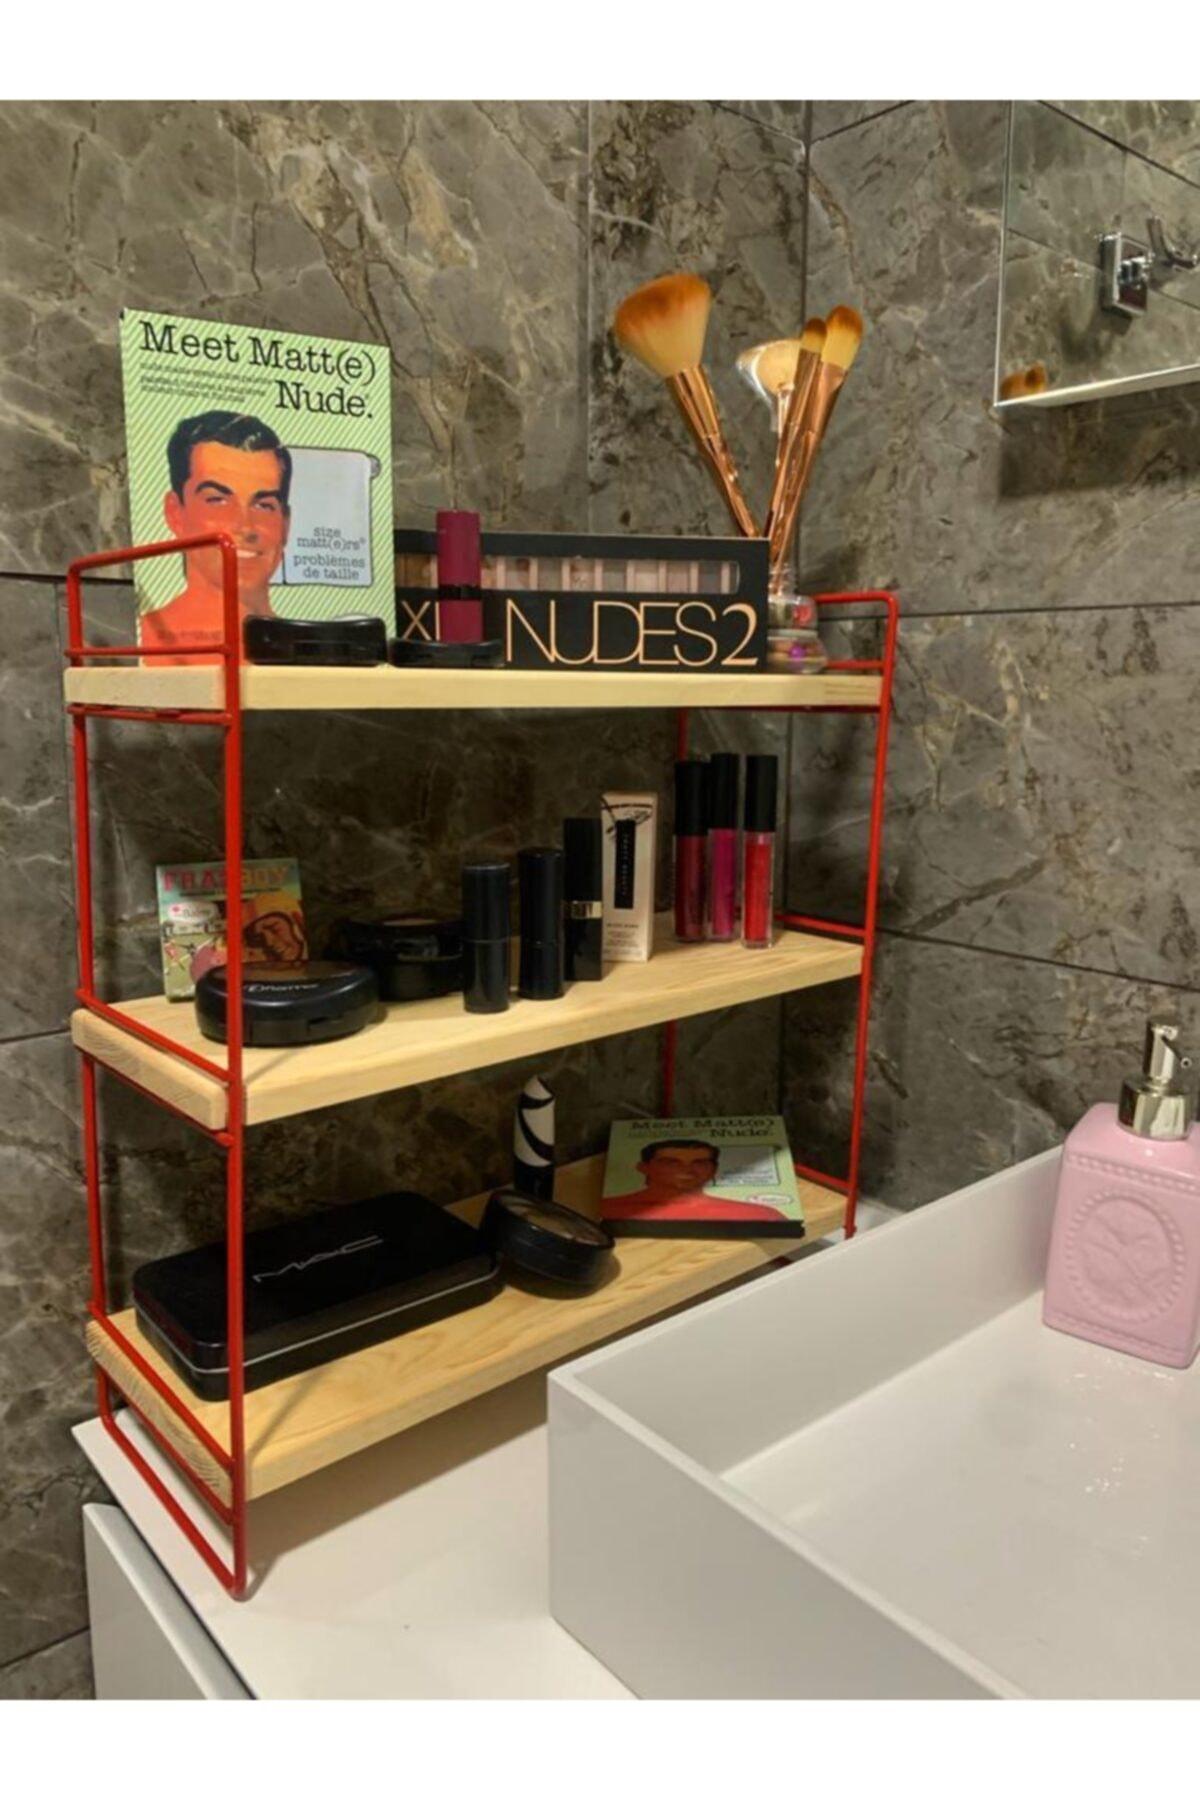 MSAĞWOODS Ahşap-metal-mutfak Organizeri-baharatlık-banyo Düzenleyici-makyaj Malzemesi Raf-hediyelik Eşya-sunum 1